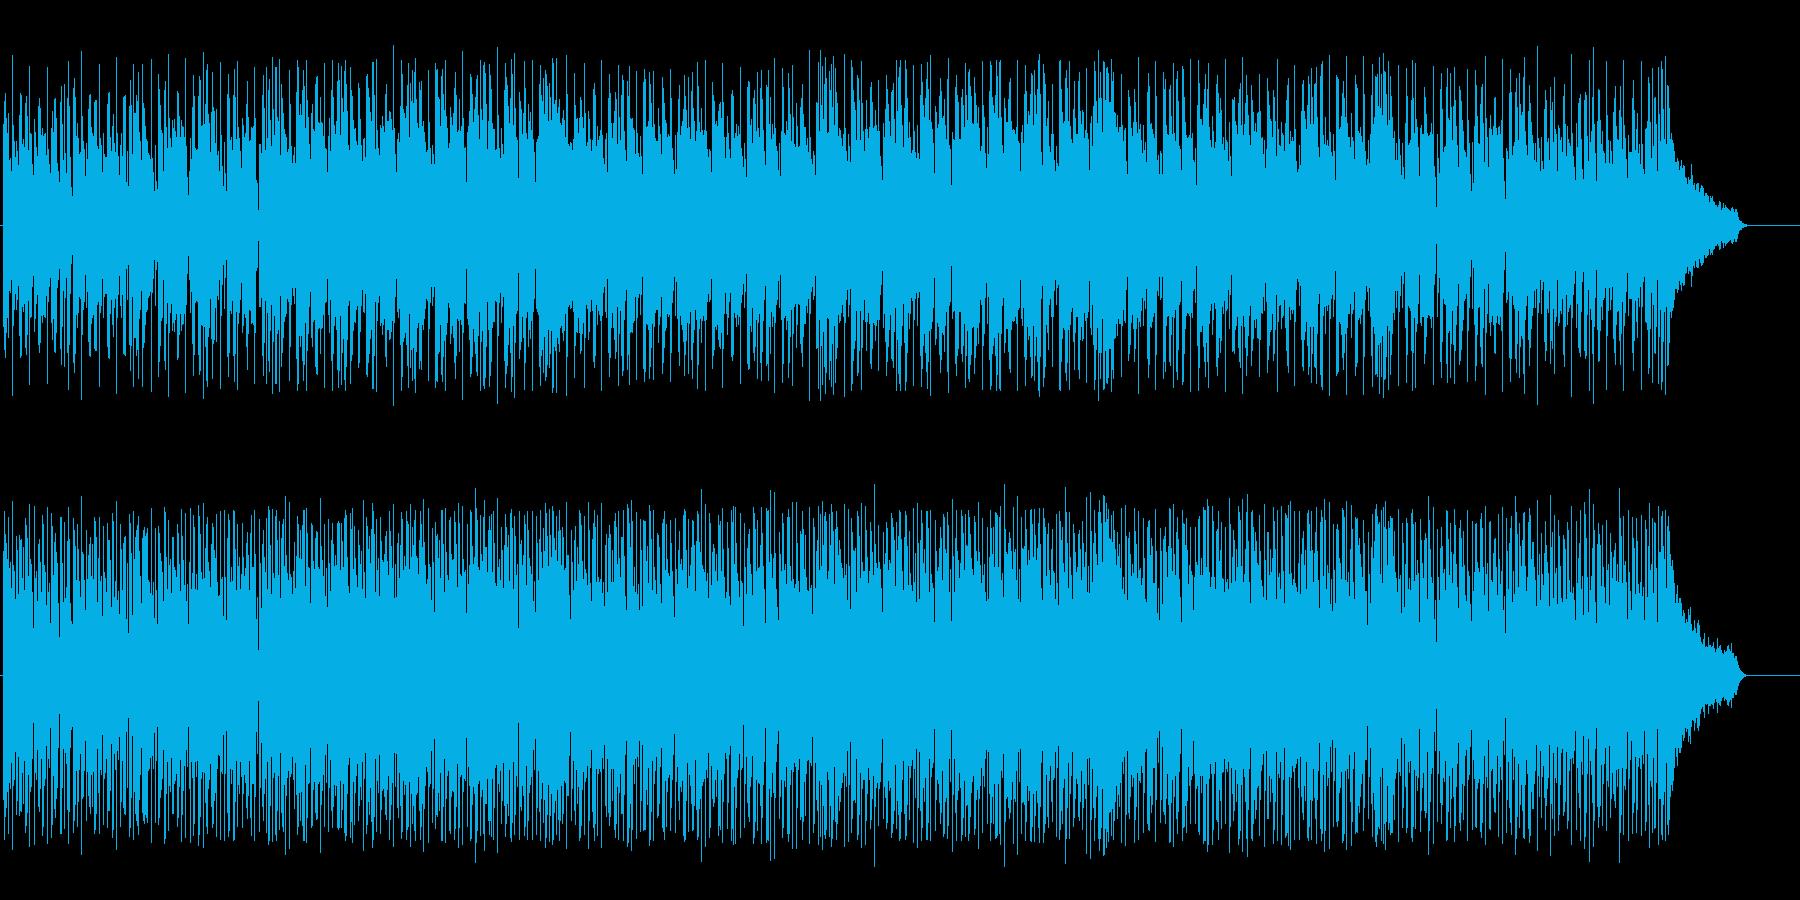 Bright rhythmic techno BGM's reproduced waveform